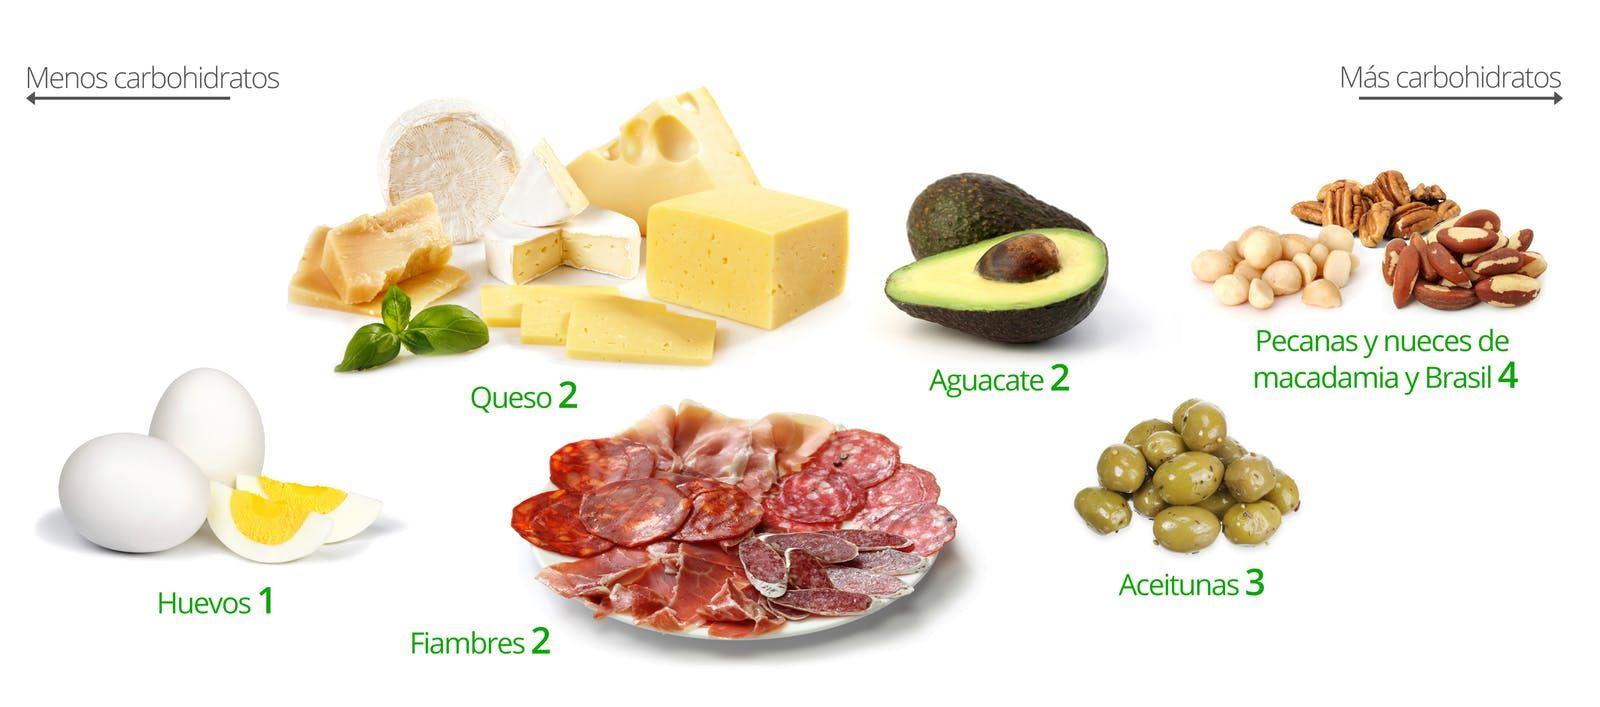 puedes comer pacanas con dieta cetosis?